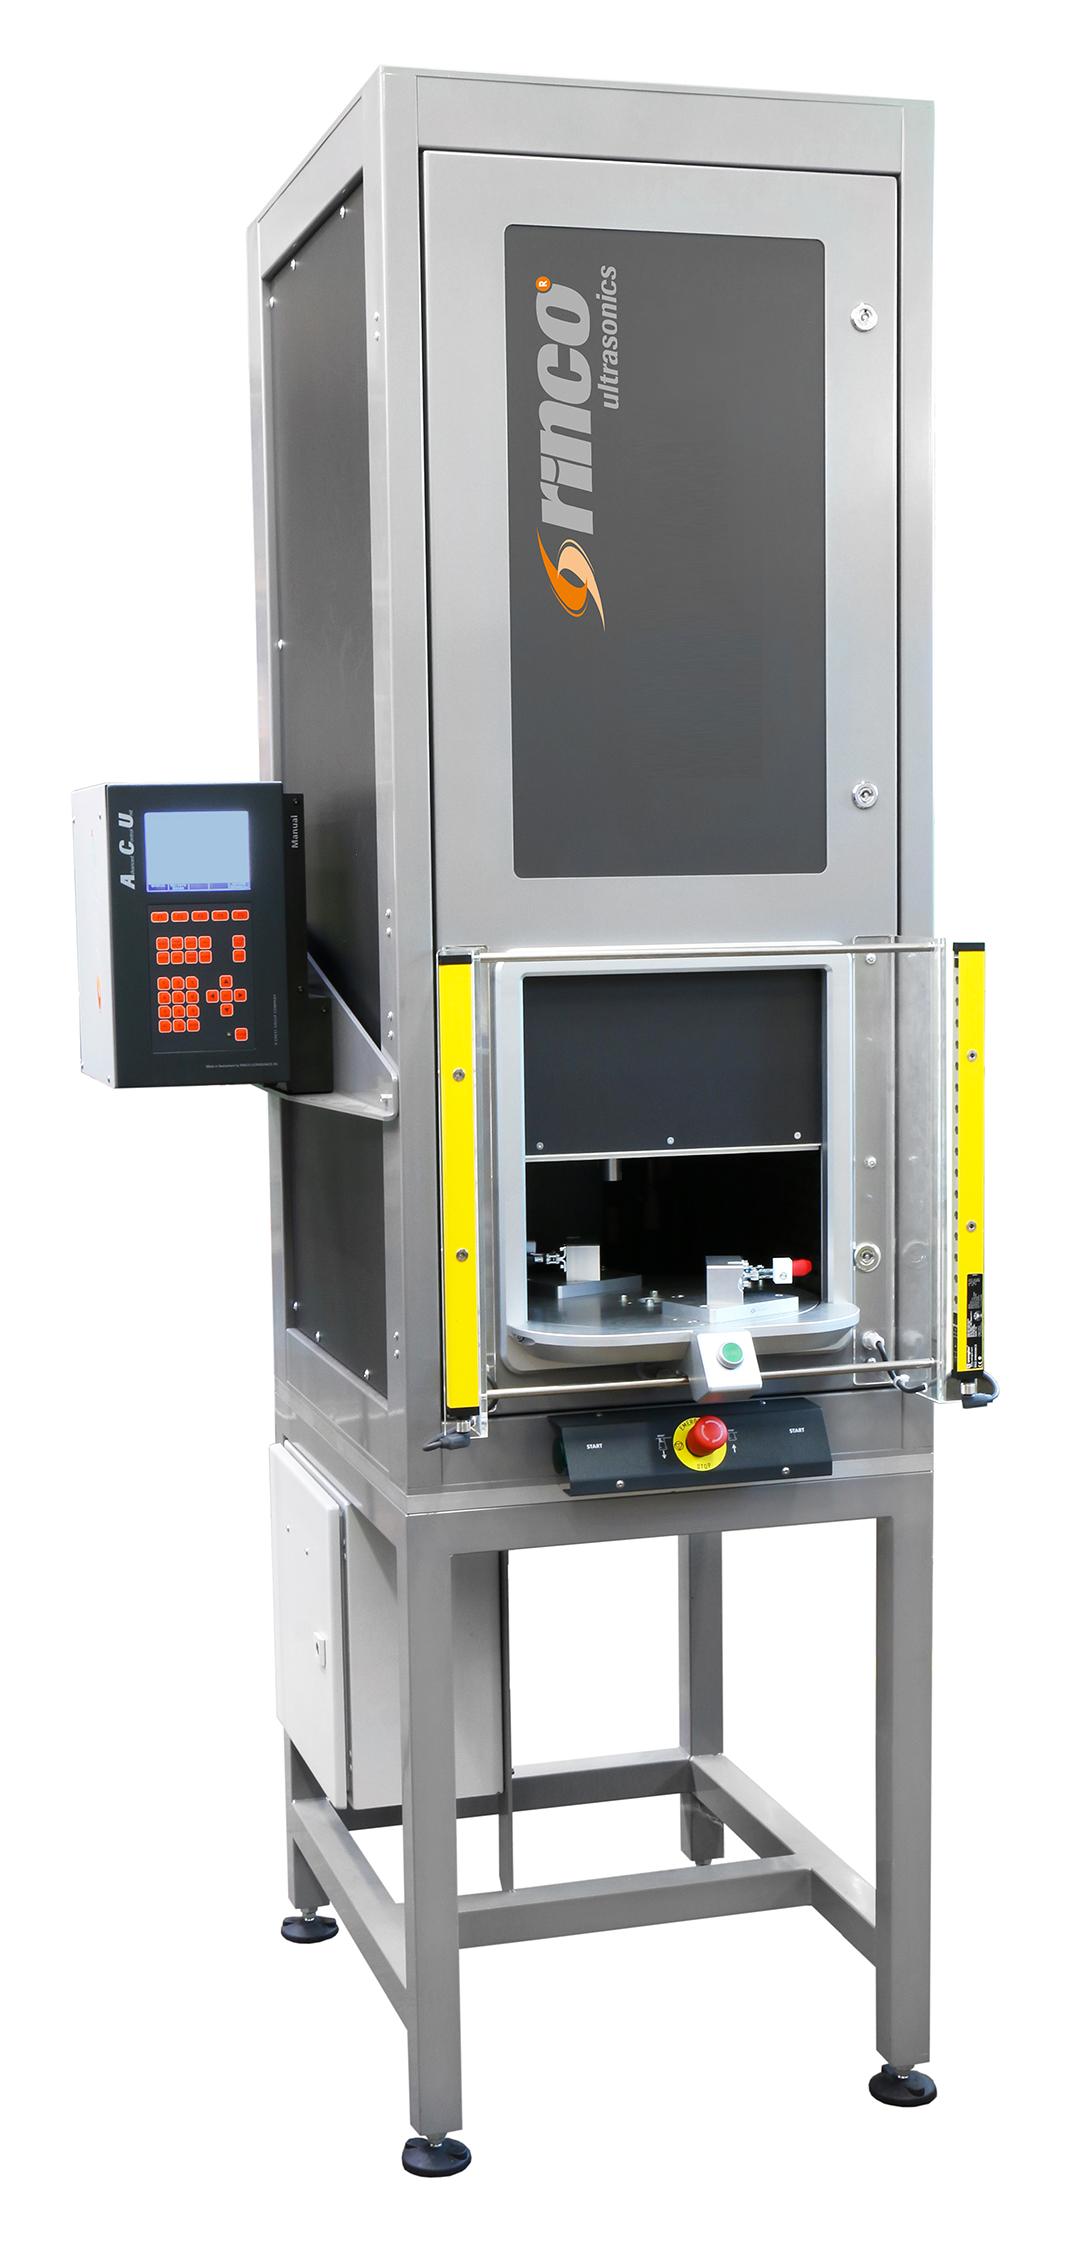 Die Workstation mit Drehtisch wird dort eingesetzt, wo die Schallemission der Ultraschall-Schweissma...